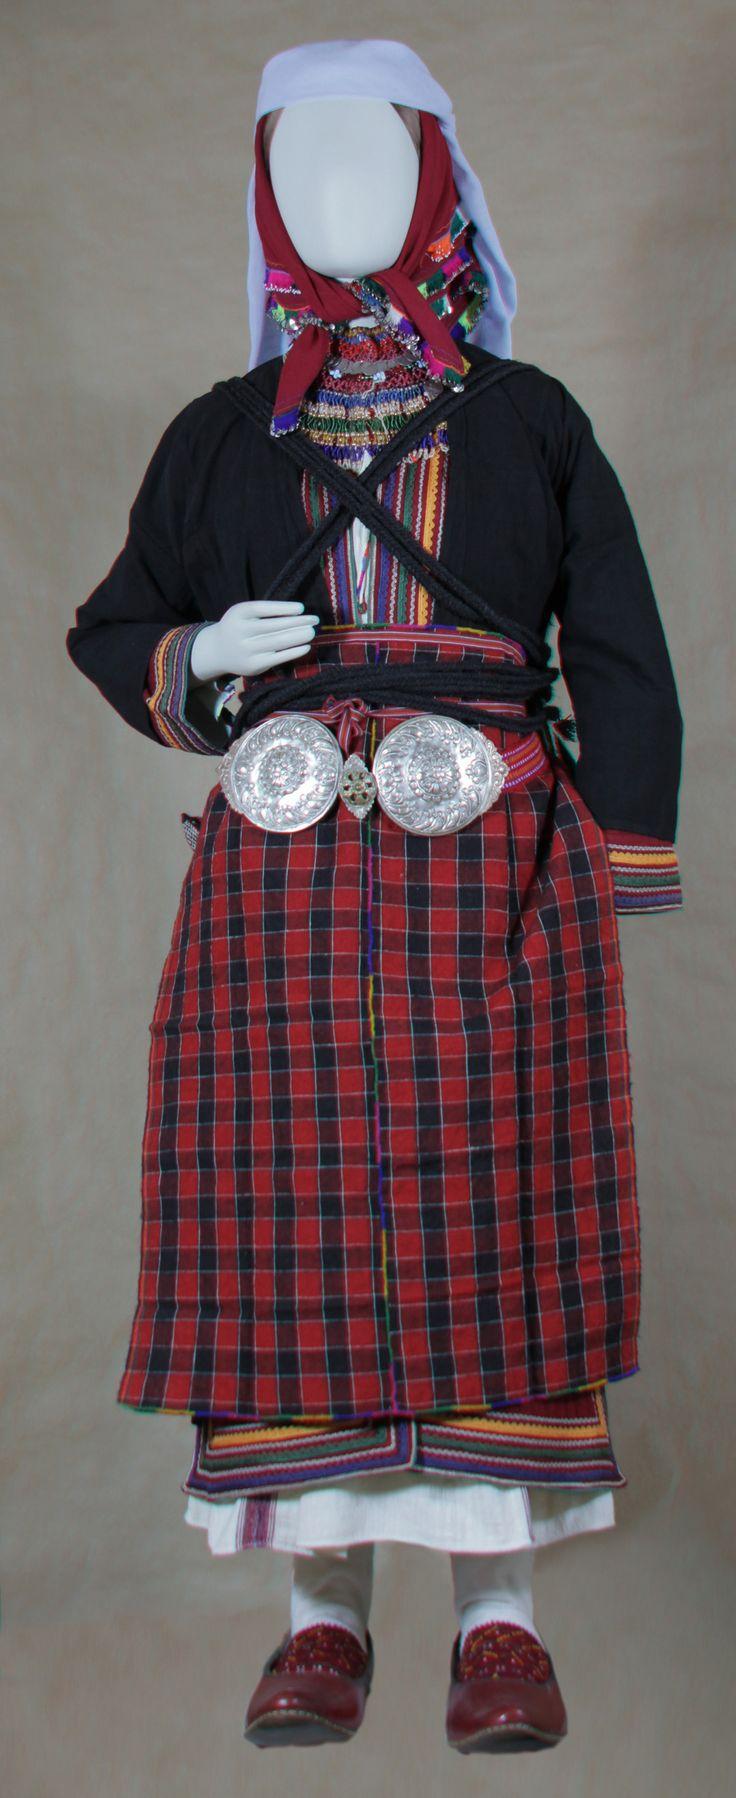 Παραδοσιακή φορεσια Πομάκας από τη Σμίνθη Ξάνθης